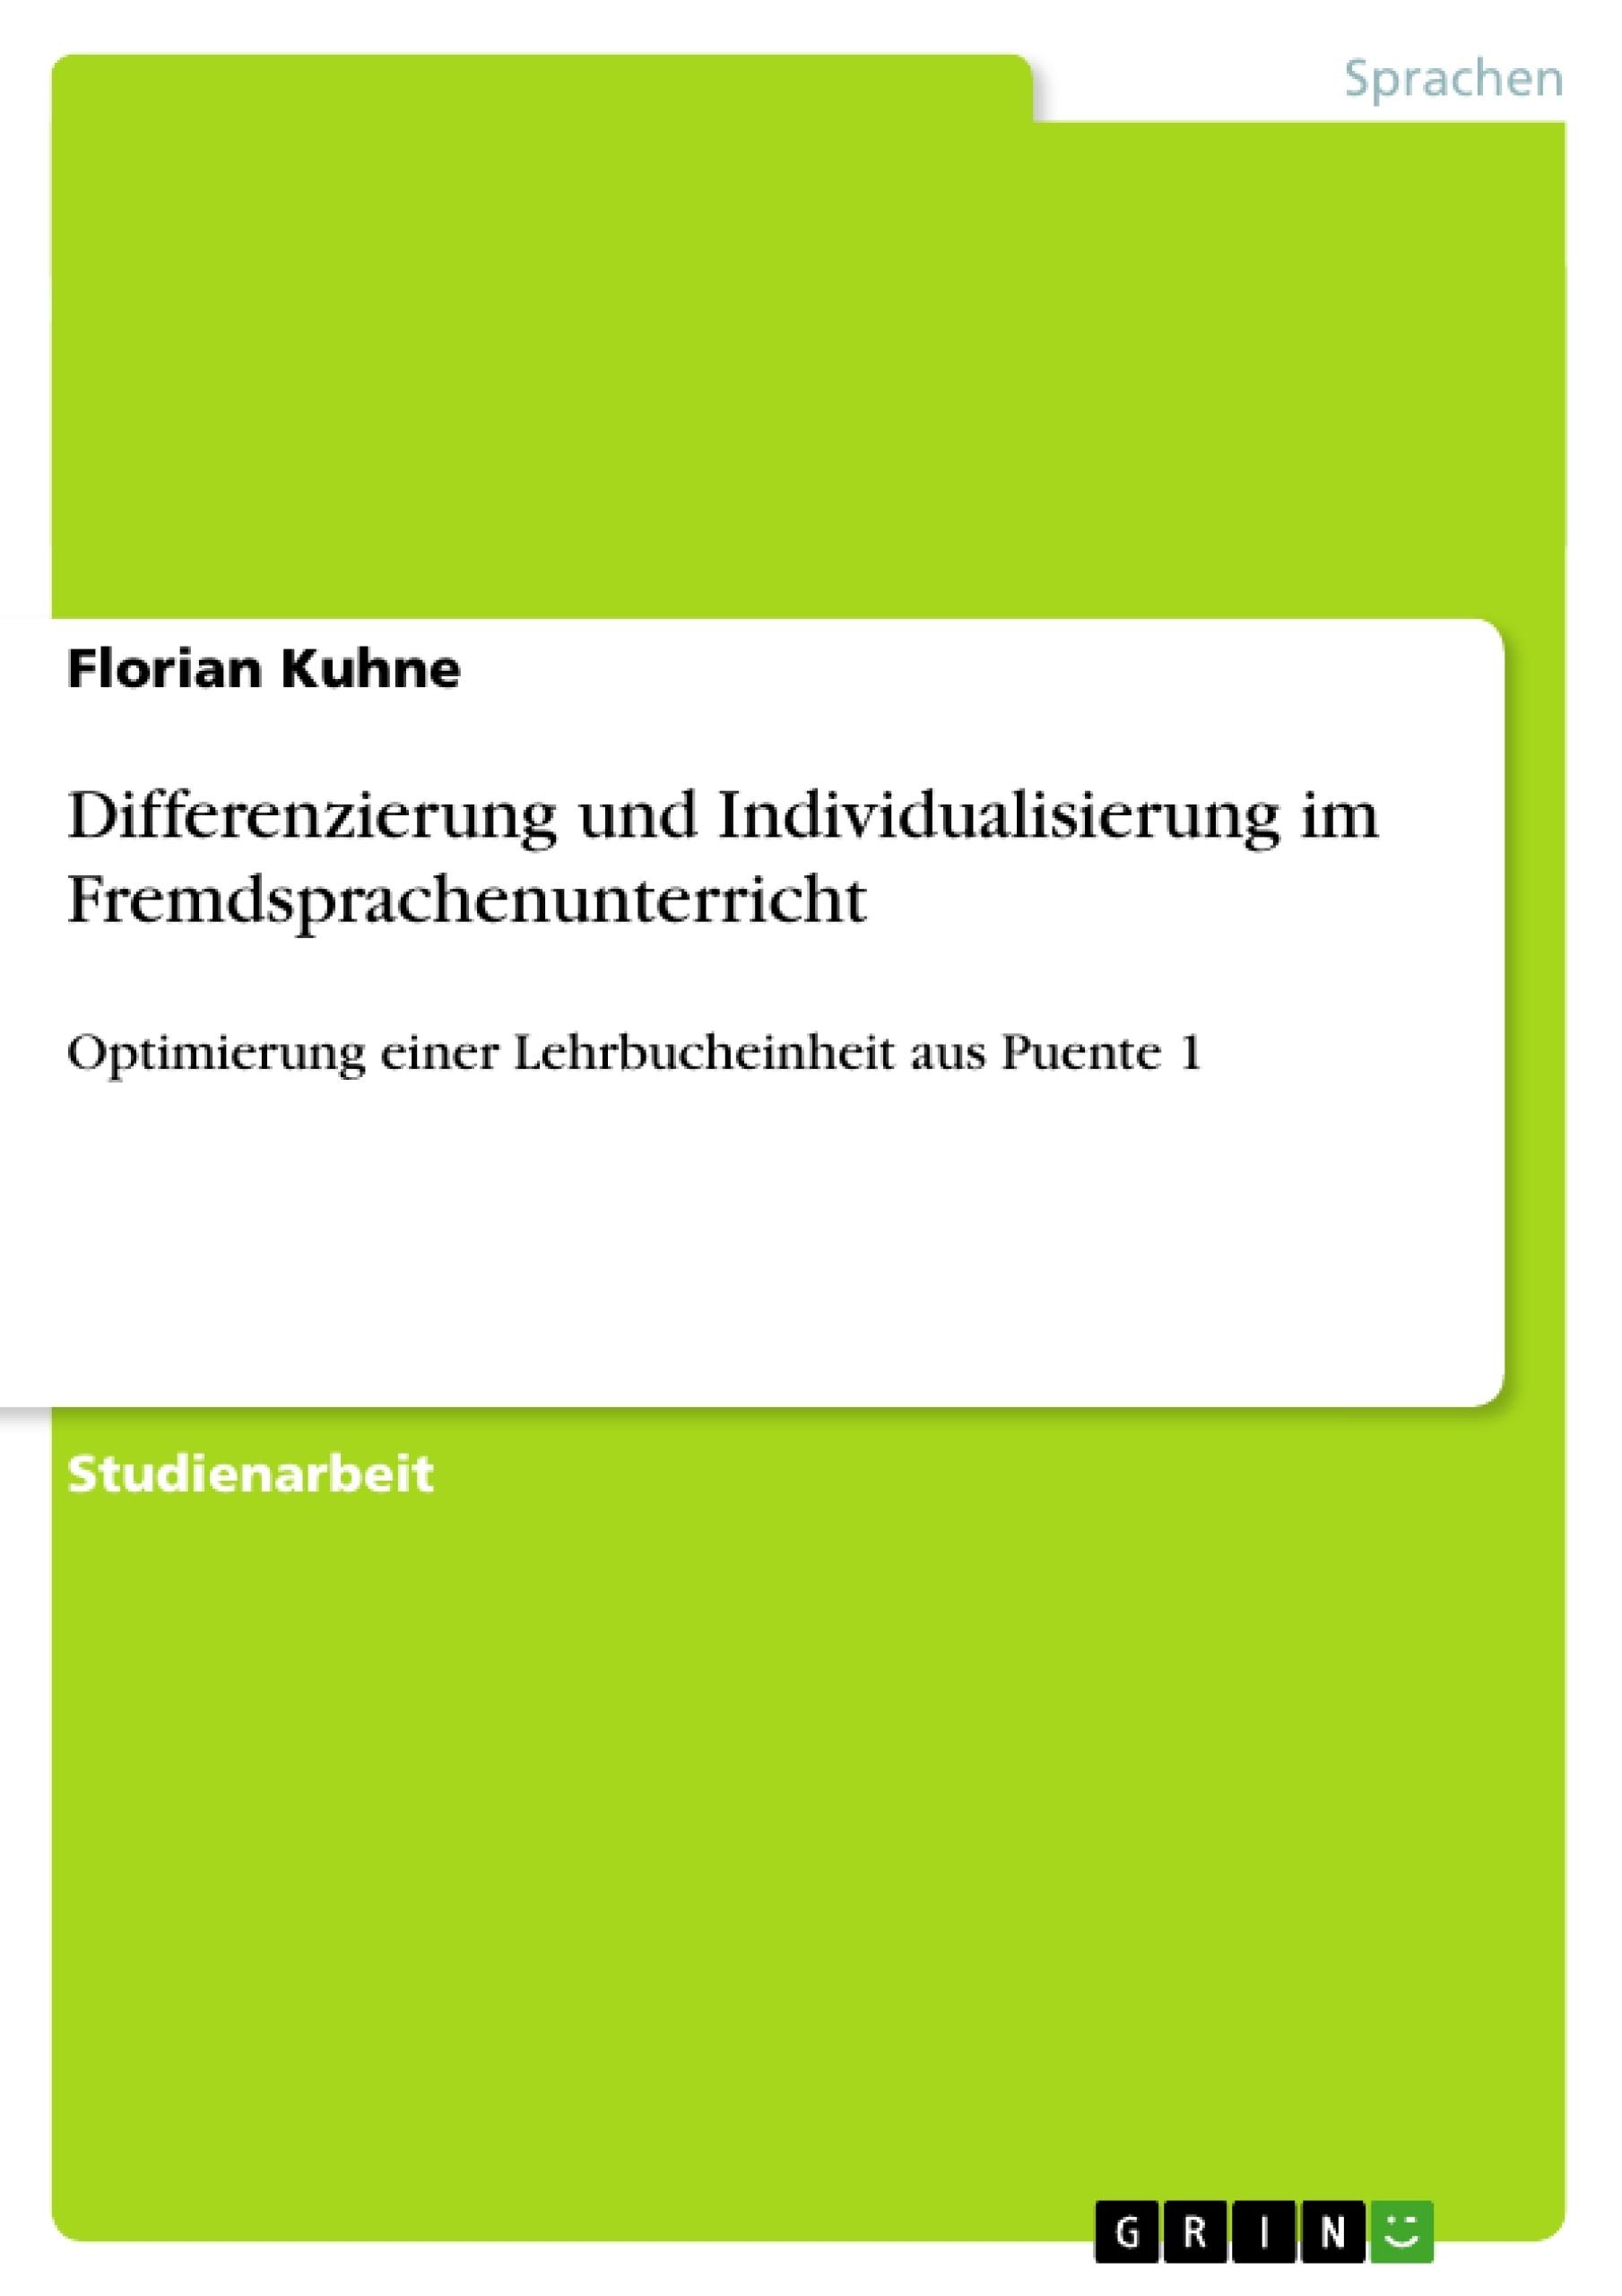 Titel: Differenzierung und Individualisierung im Fremdsprachenunterricht